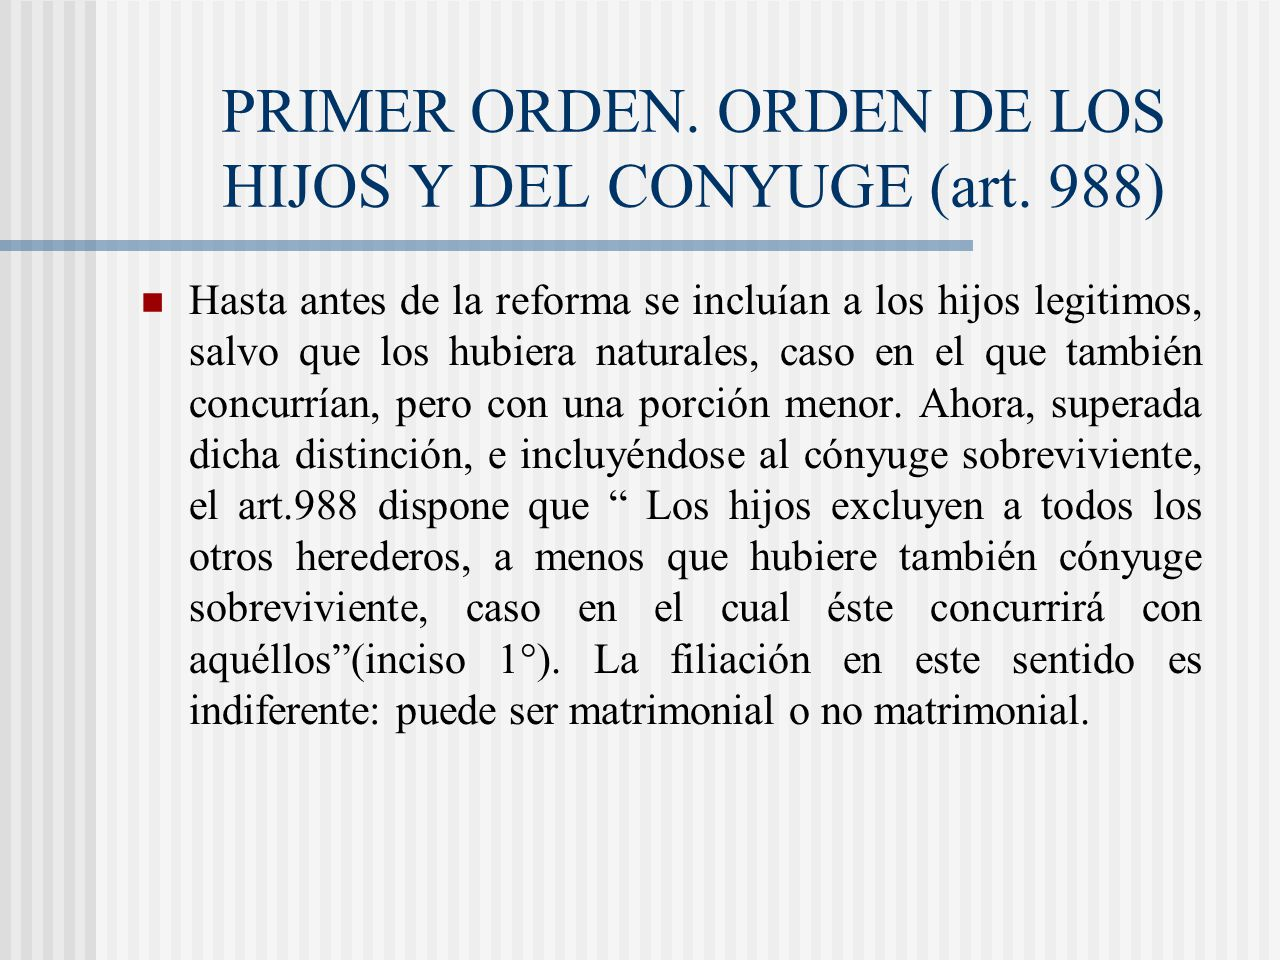 PRIMER ORDEN. ORDEN DE LOS HIJOS Y DEL CONYUGE (art. 988)